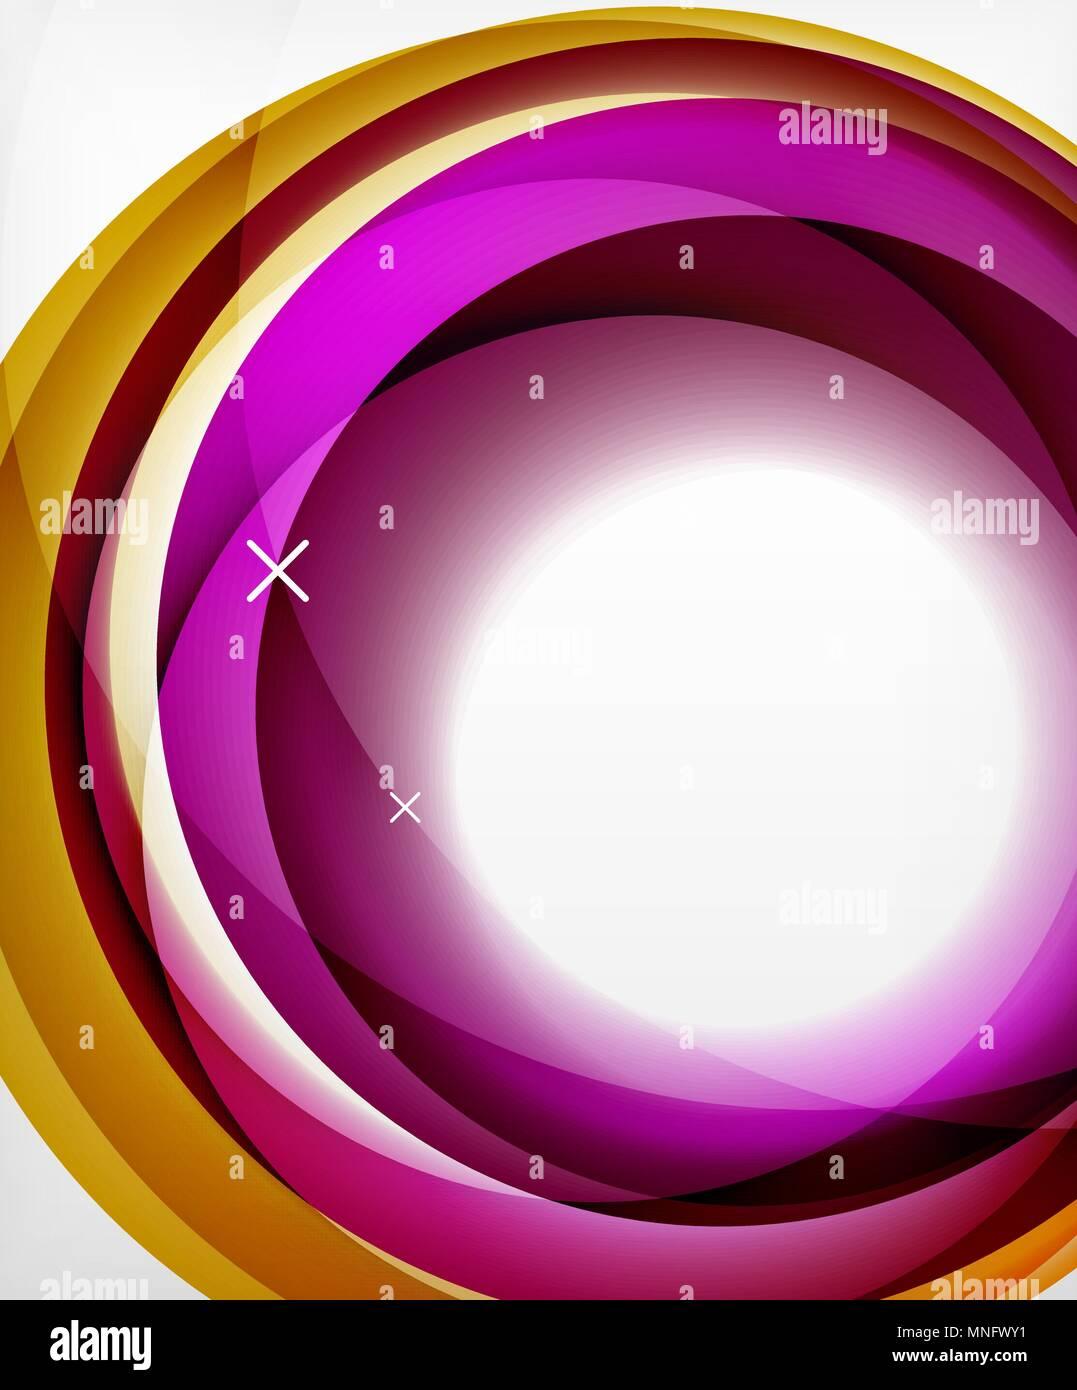 Vektor transparente Farbe wave Linien abstrakt Hintergrund ...